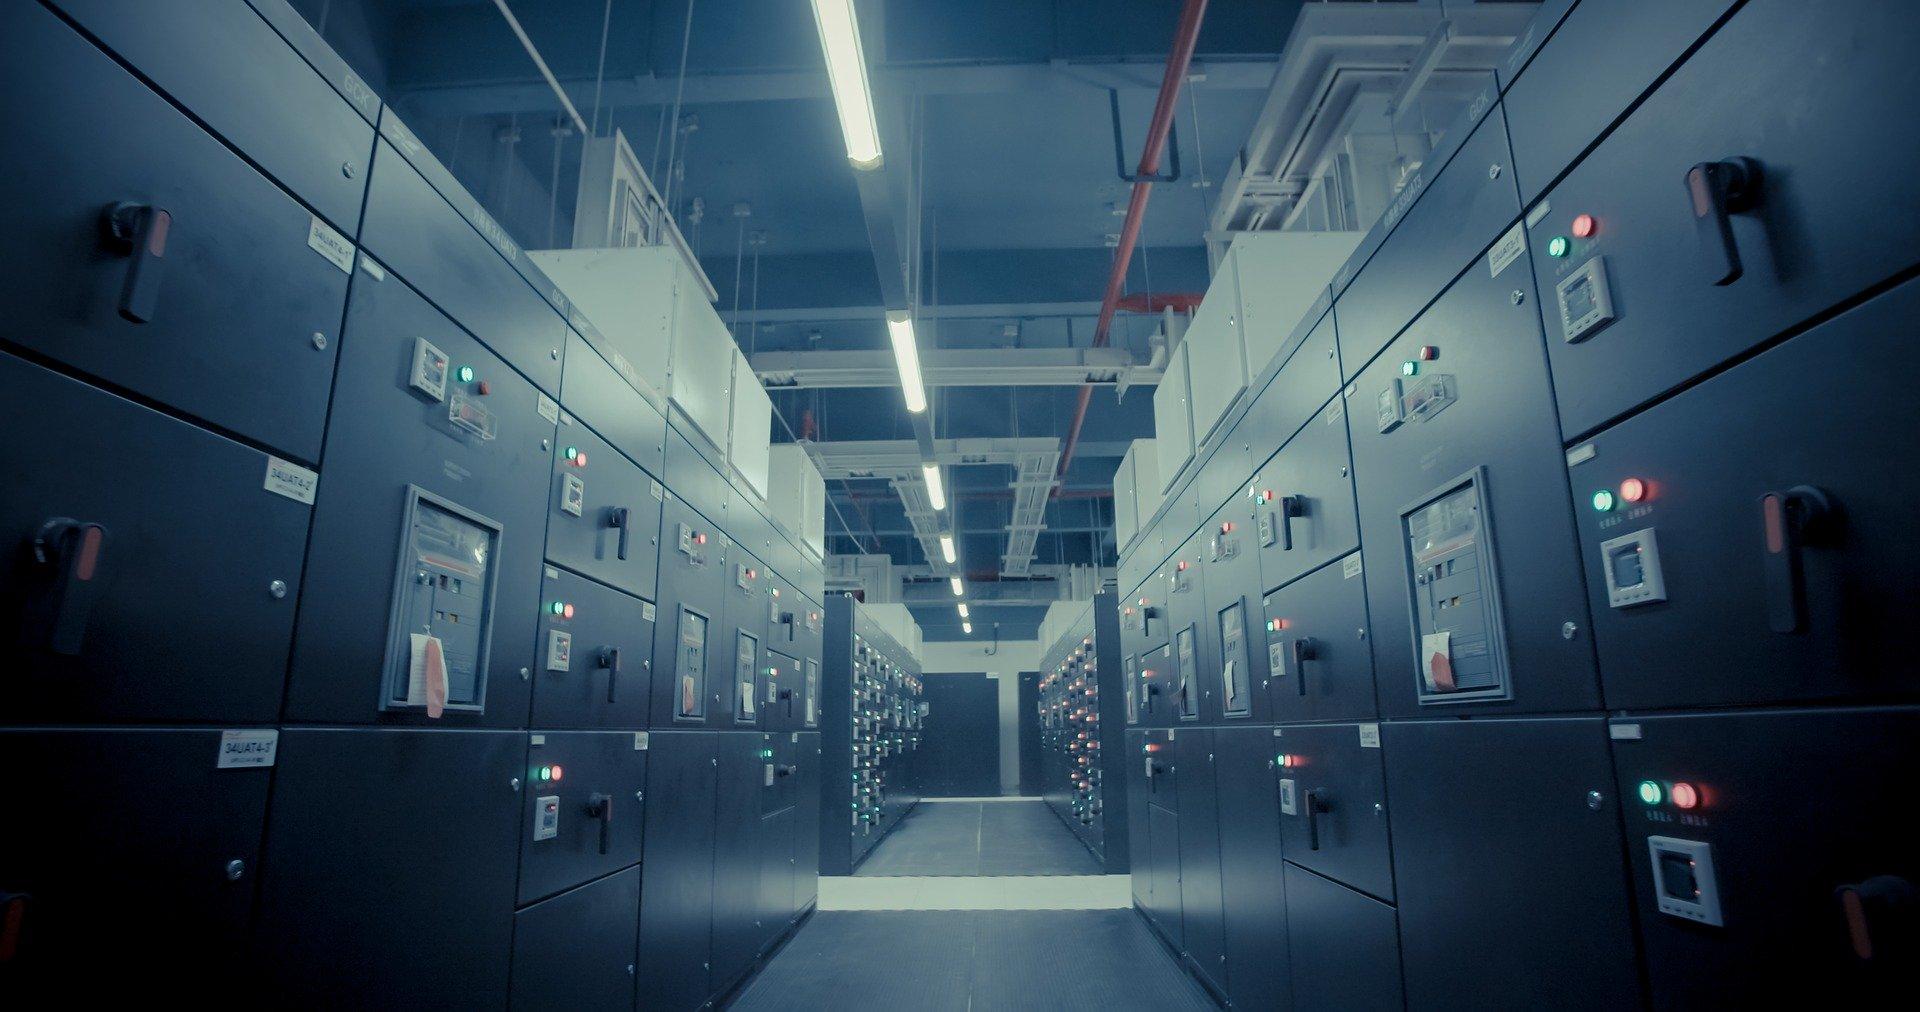 データセンターの安全性の確認基準:「ティア」と「データファシリティスタンダード」とは